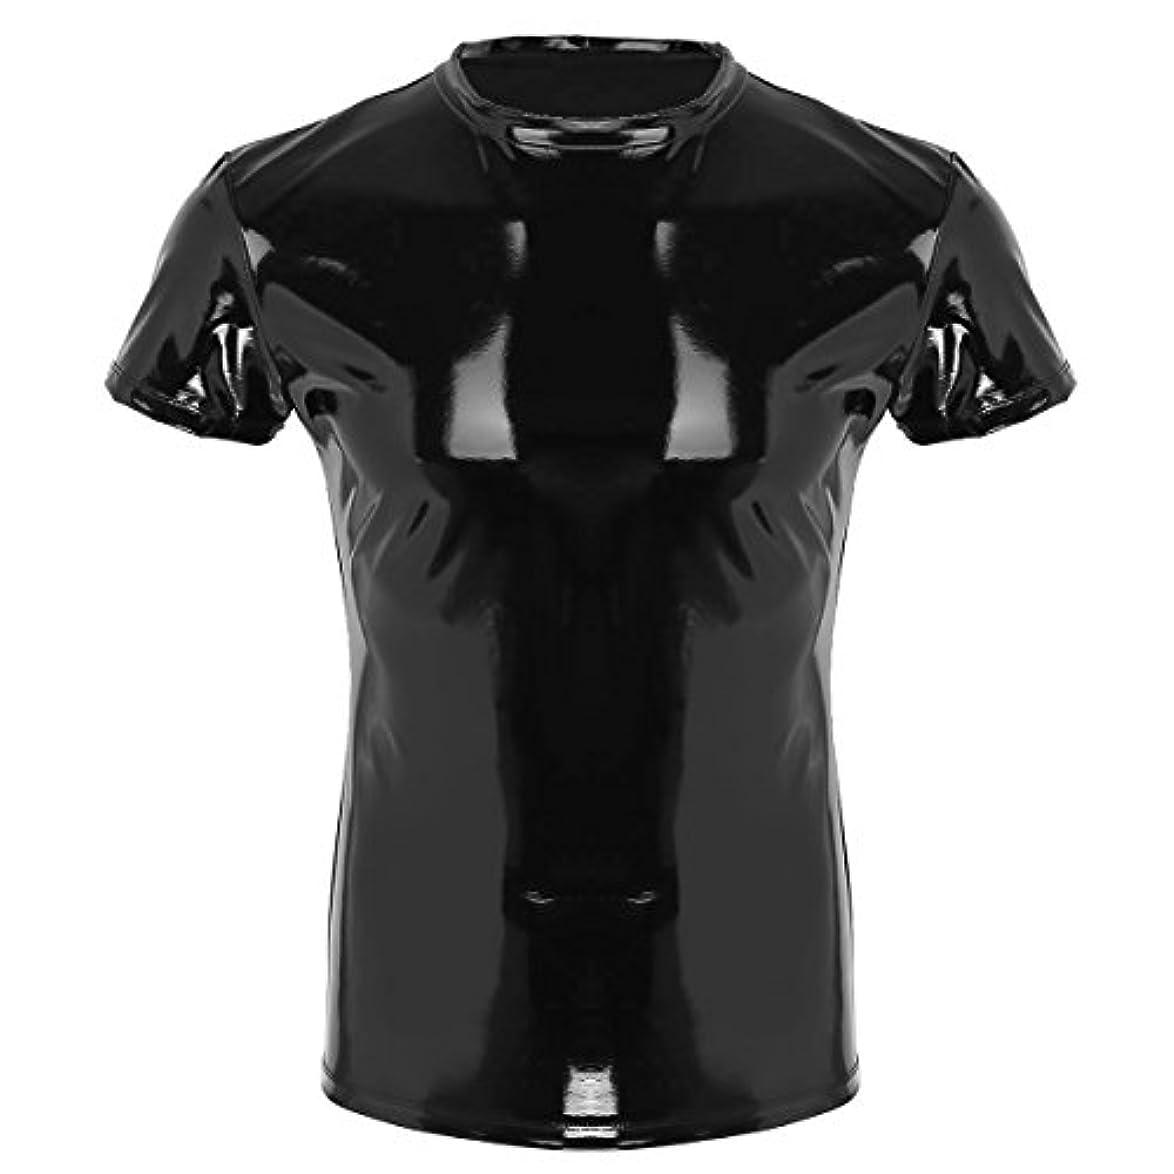 換気製造余計な(フィーショー) FEESHOW メンズ 男性 Tシャツ トップ フェイク レザー シャツ 筋肉シャツ 上着 セクシー かっこいい